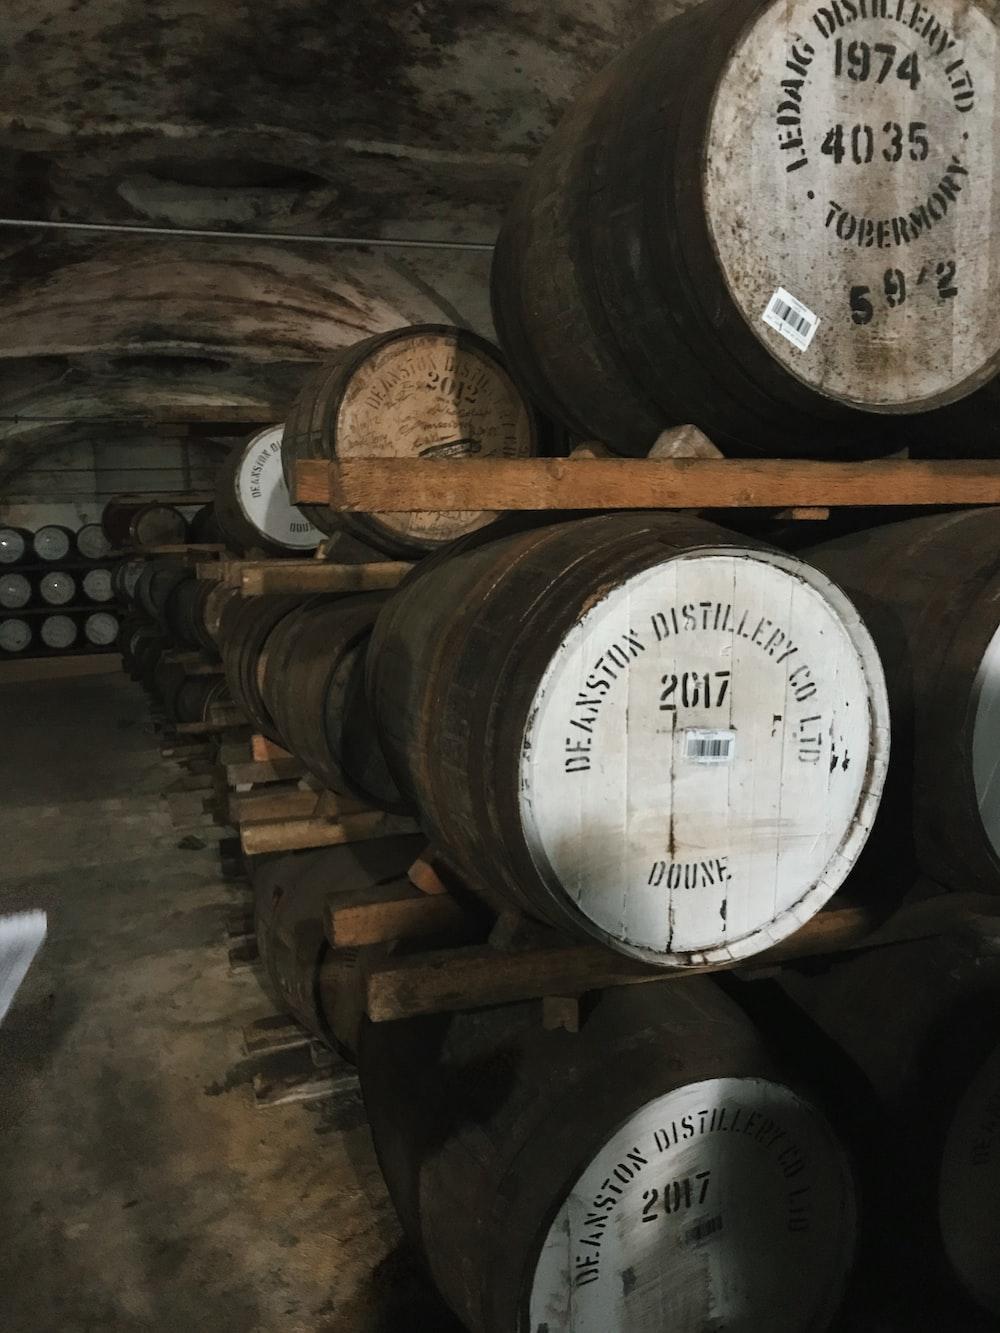 pile of oak barrels inside tunnel